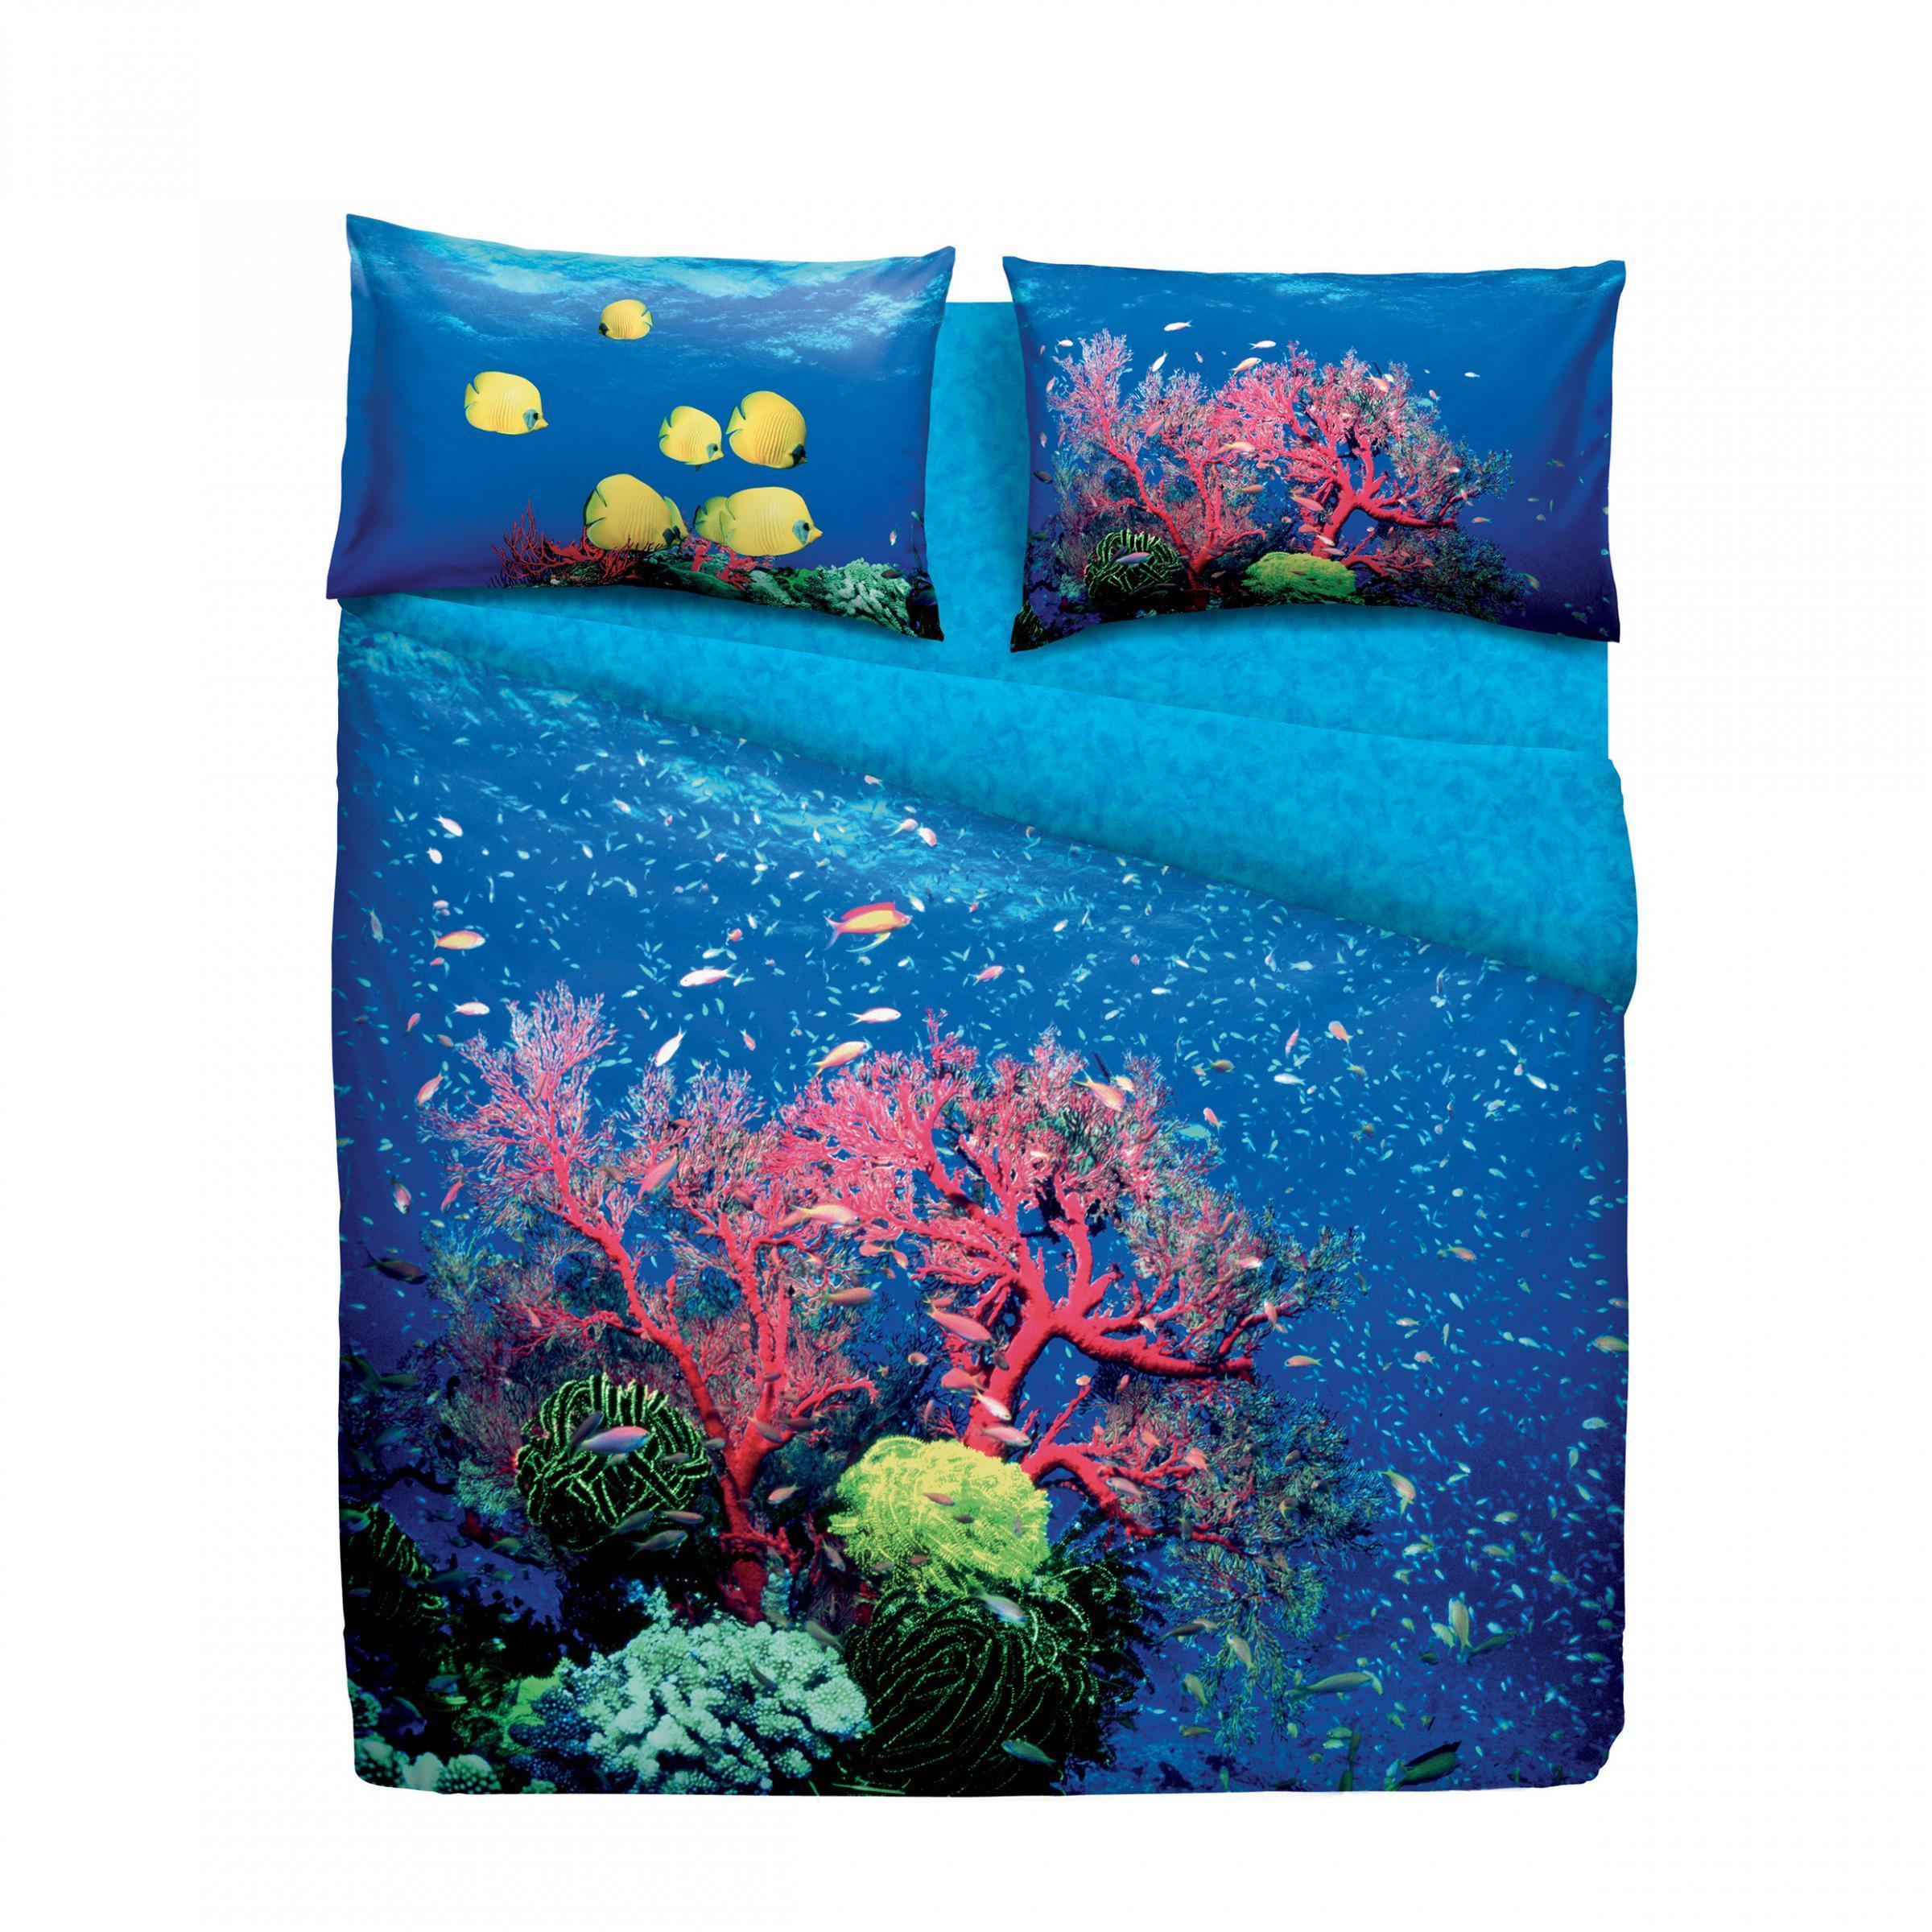 Set copripiumino letto singolo 1 piazza bassetti deep sea stampa digitale - Piumini letto singolo bassetti ...